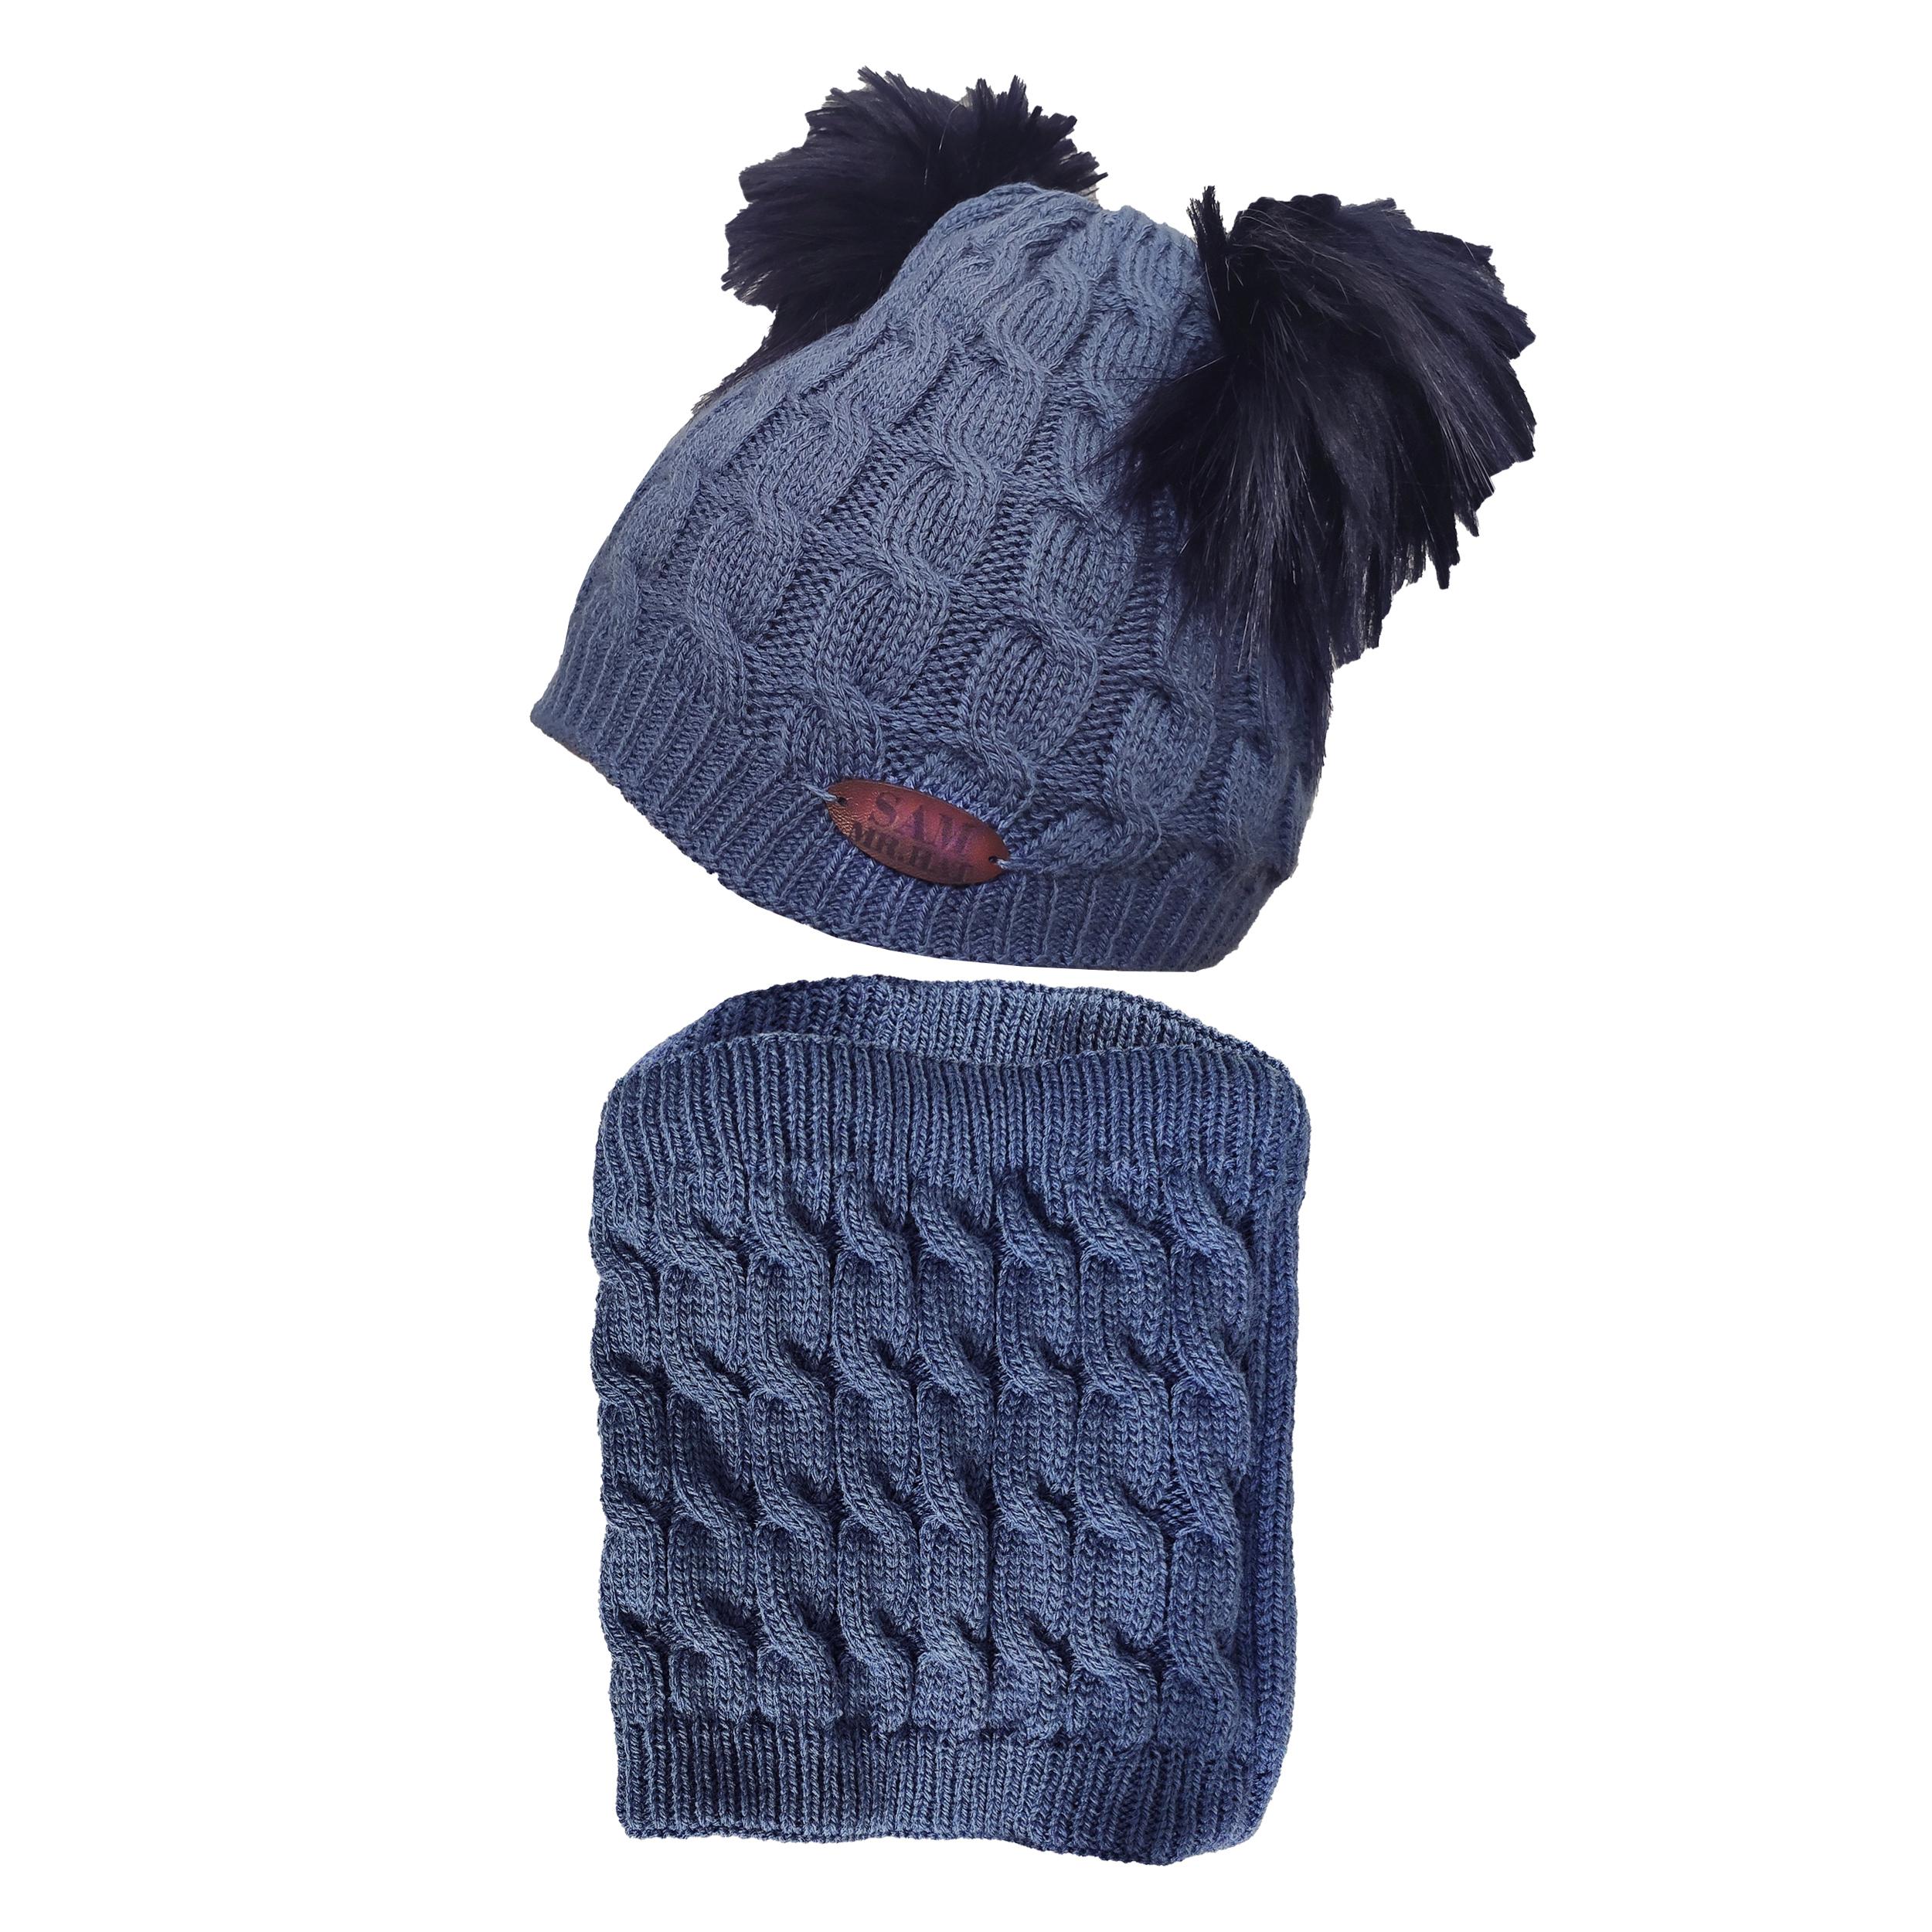 ست کلاه و شال گردن بچگانه سام کد 150-2P-AB رنگ آبی سیر